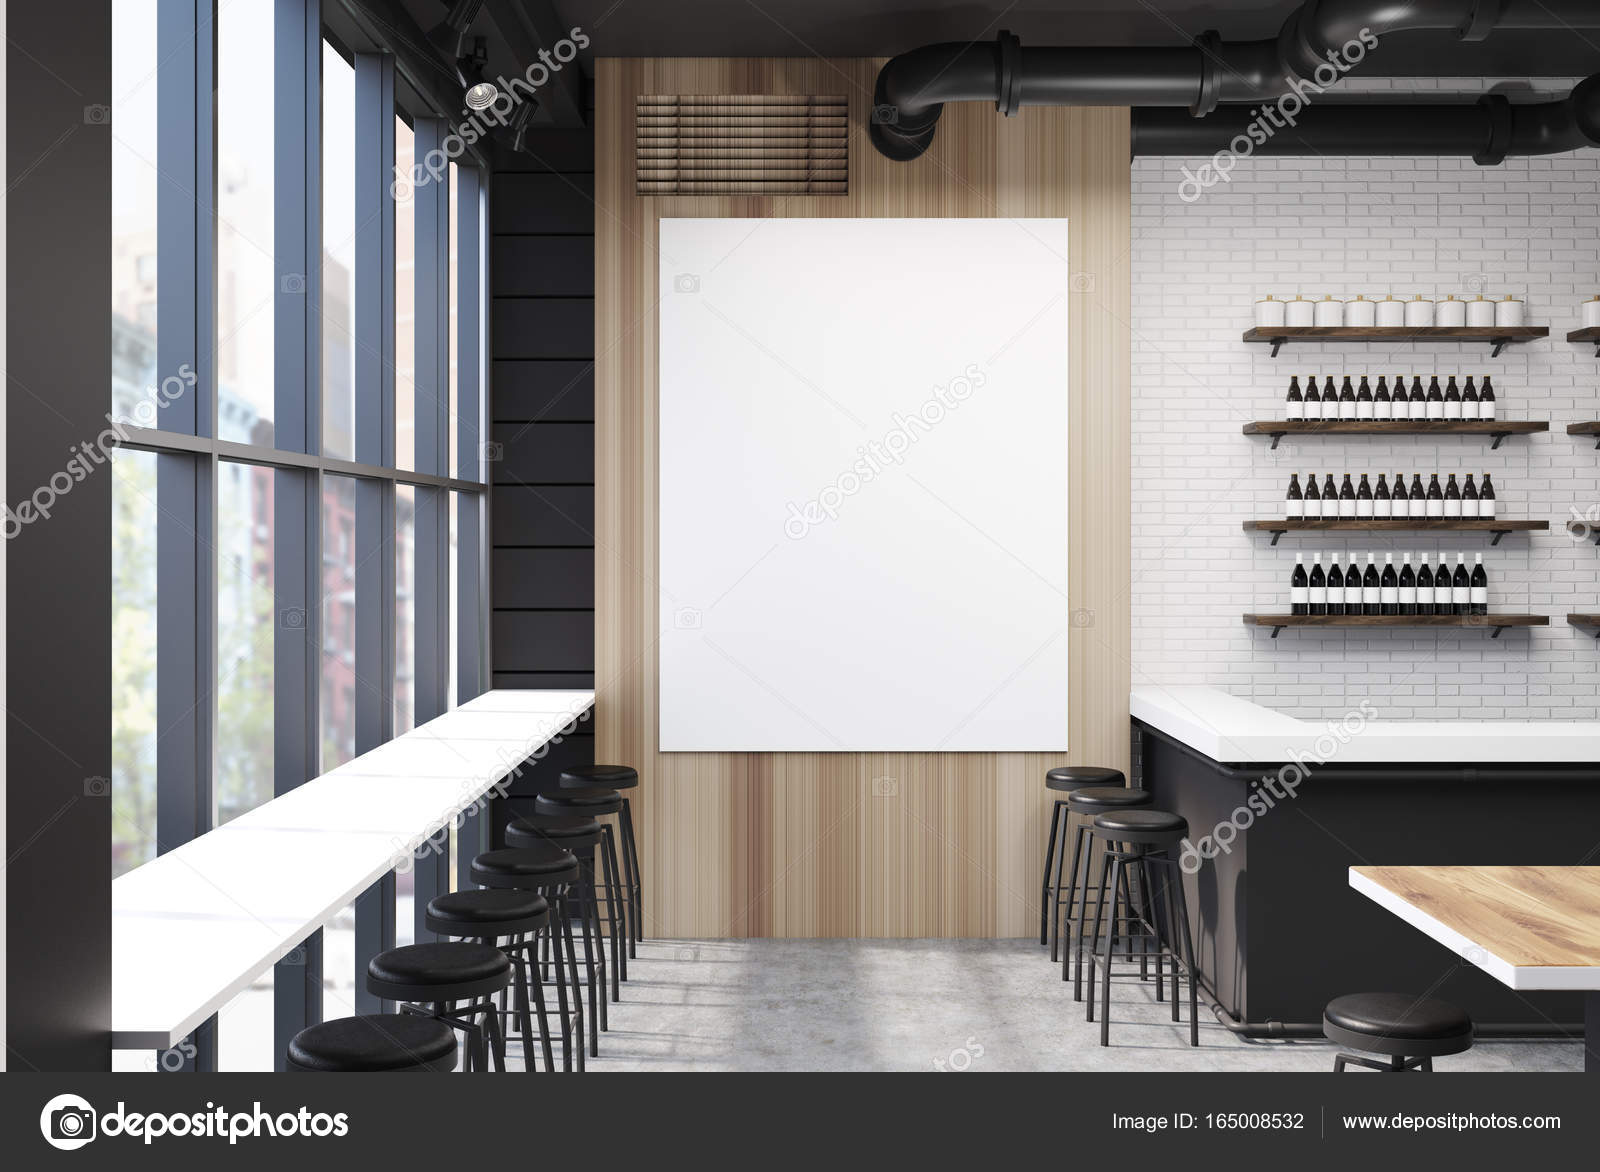 Grigio e bar in legno con un manifesto u foto stock